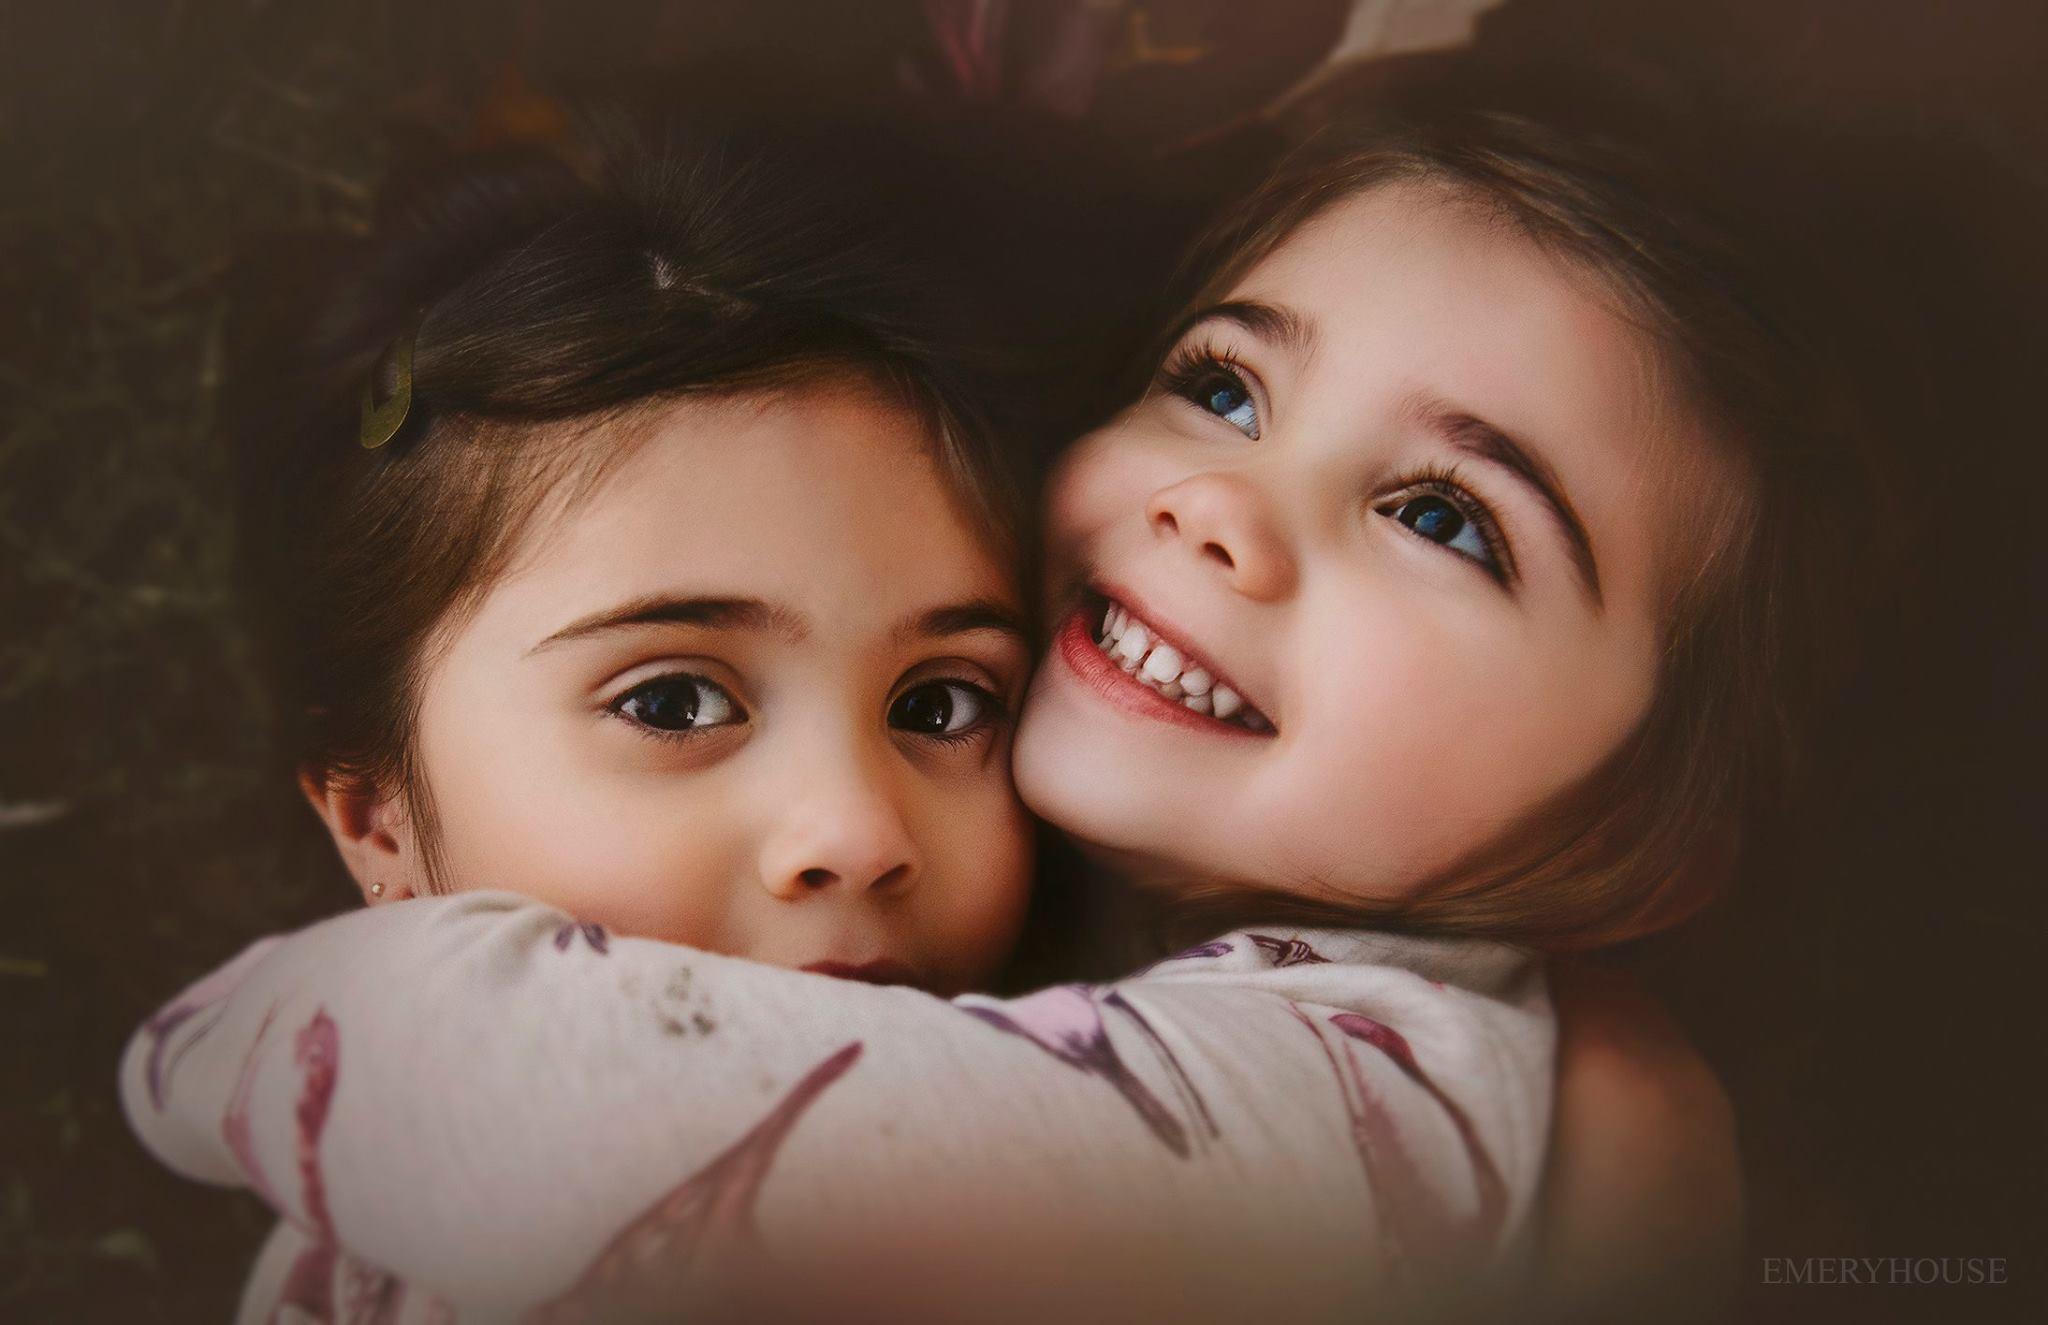 sisters, daily fan favorite